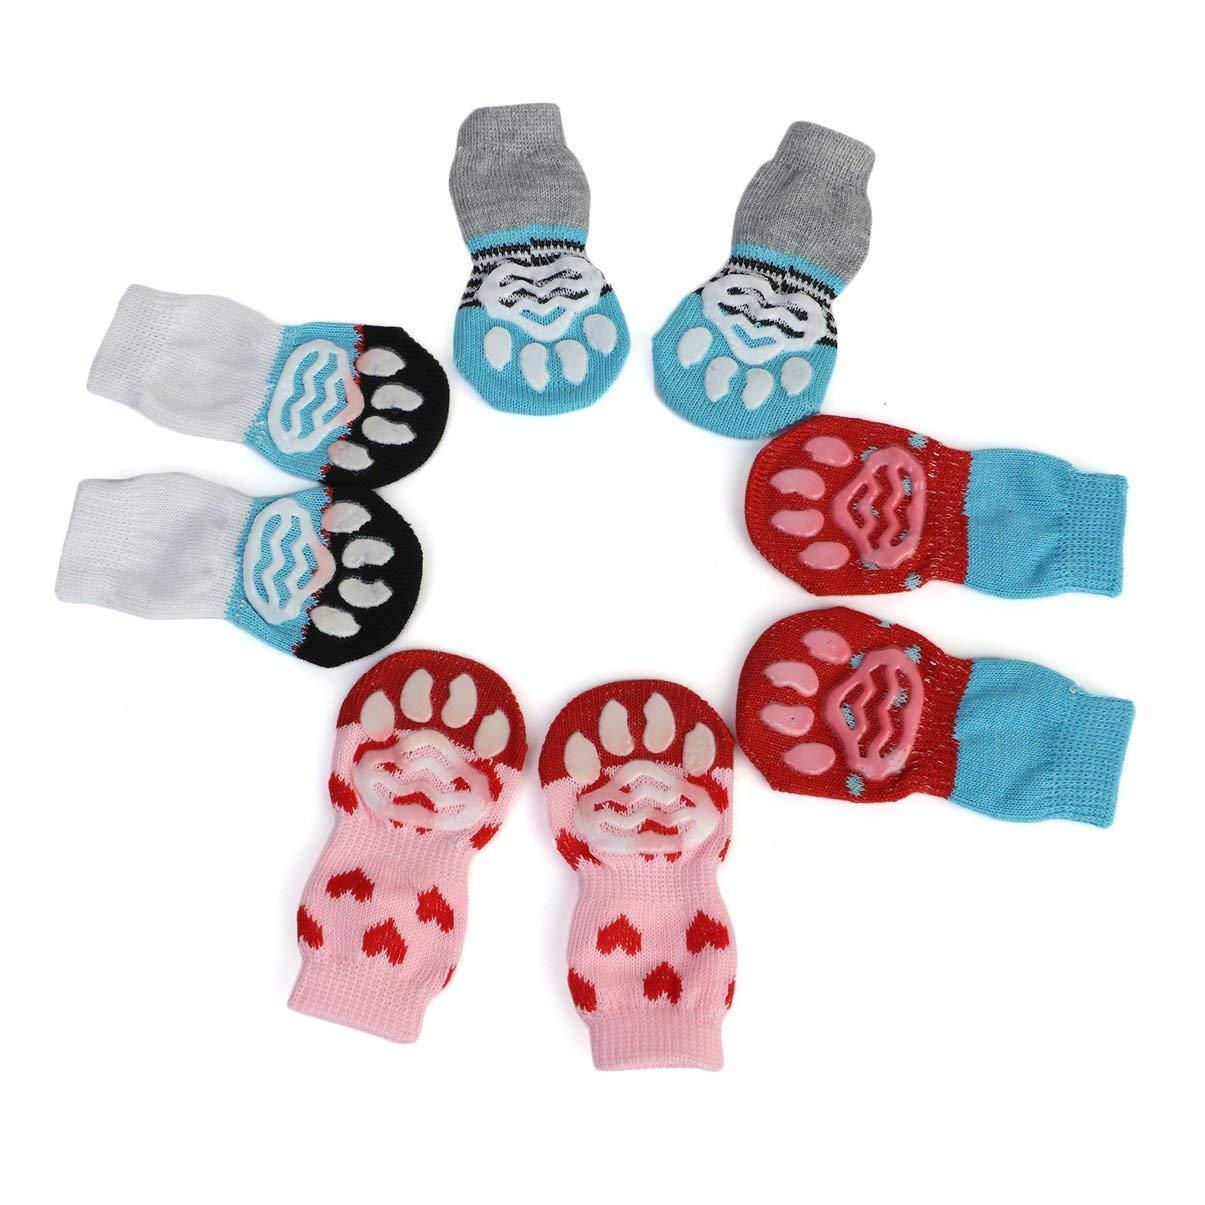 Patrón lindo Calcetines para mascotas Suave puro Algodón Perros Gatos Calcetines Calcetines dulces de piso para interiores Suministros para mascotas Para la ...